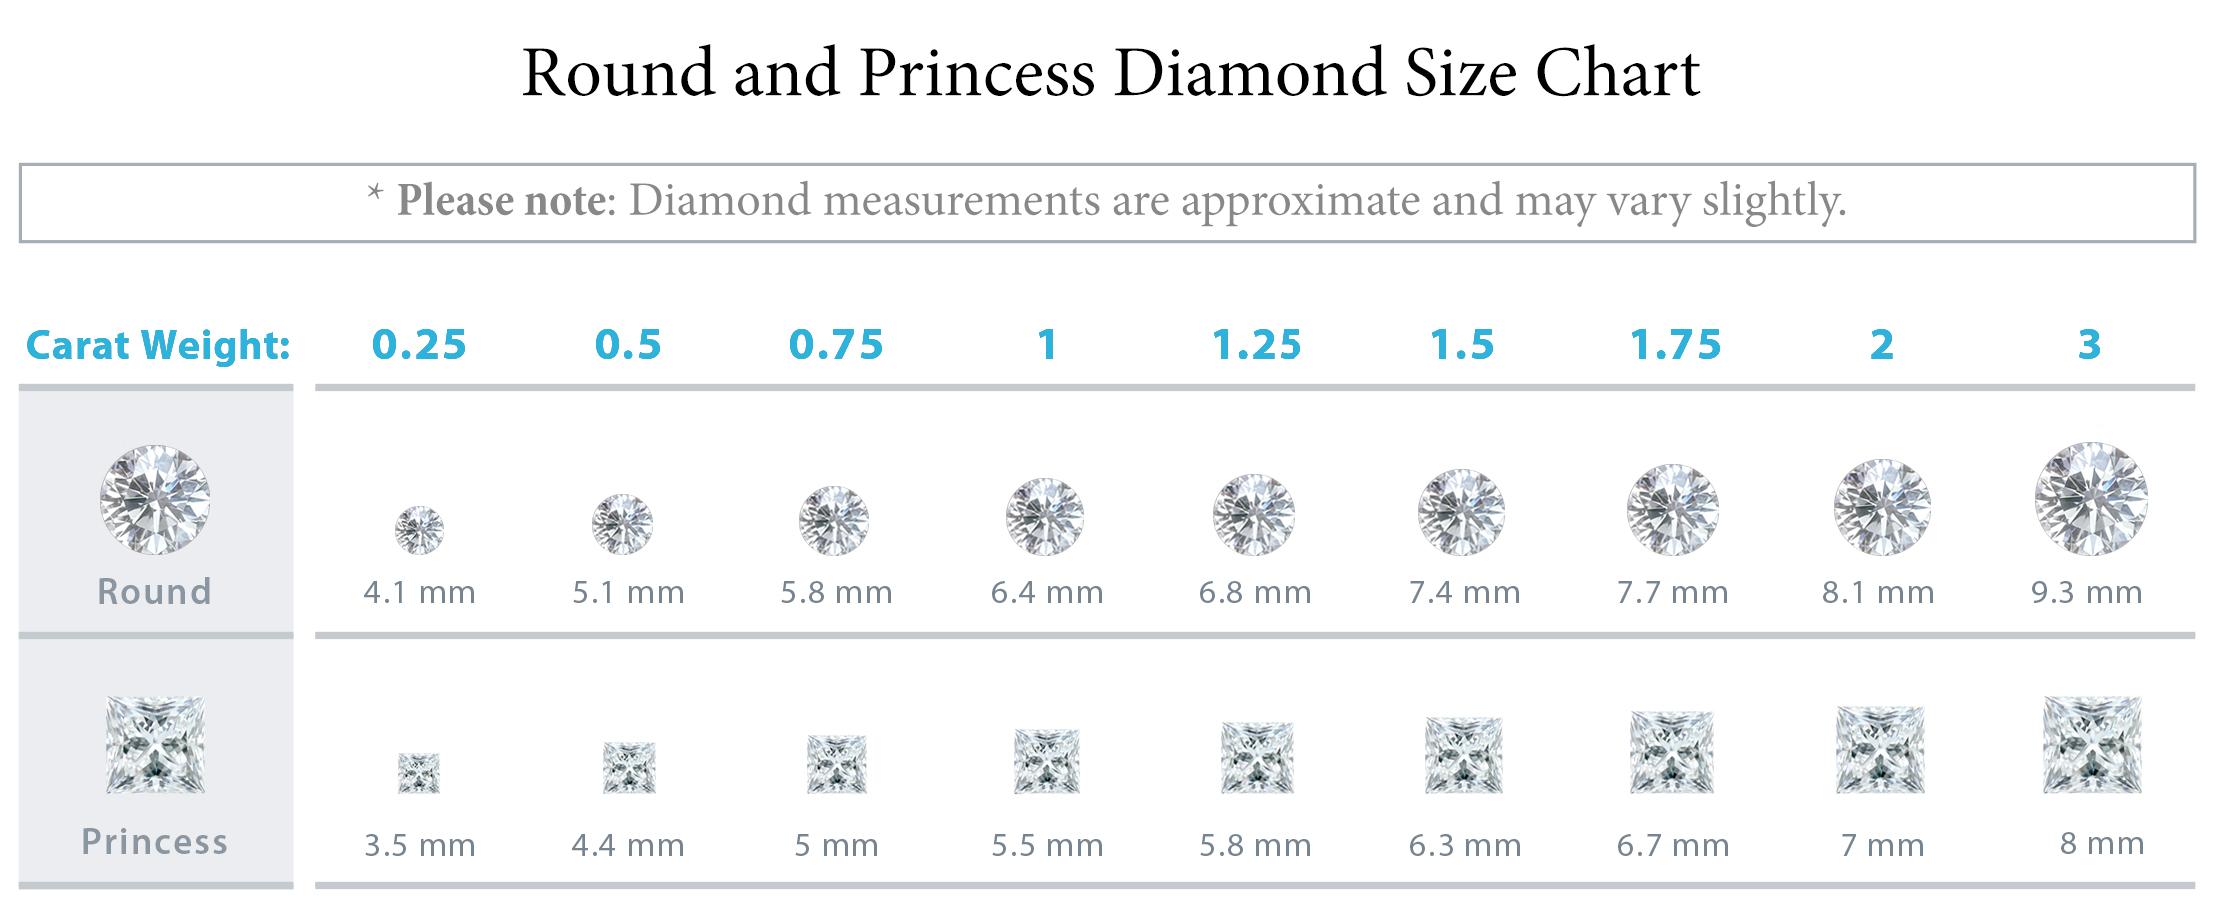 bijoux-majesty-diamond-carat-size-chart.jpg